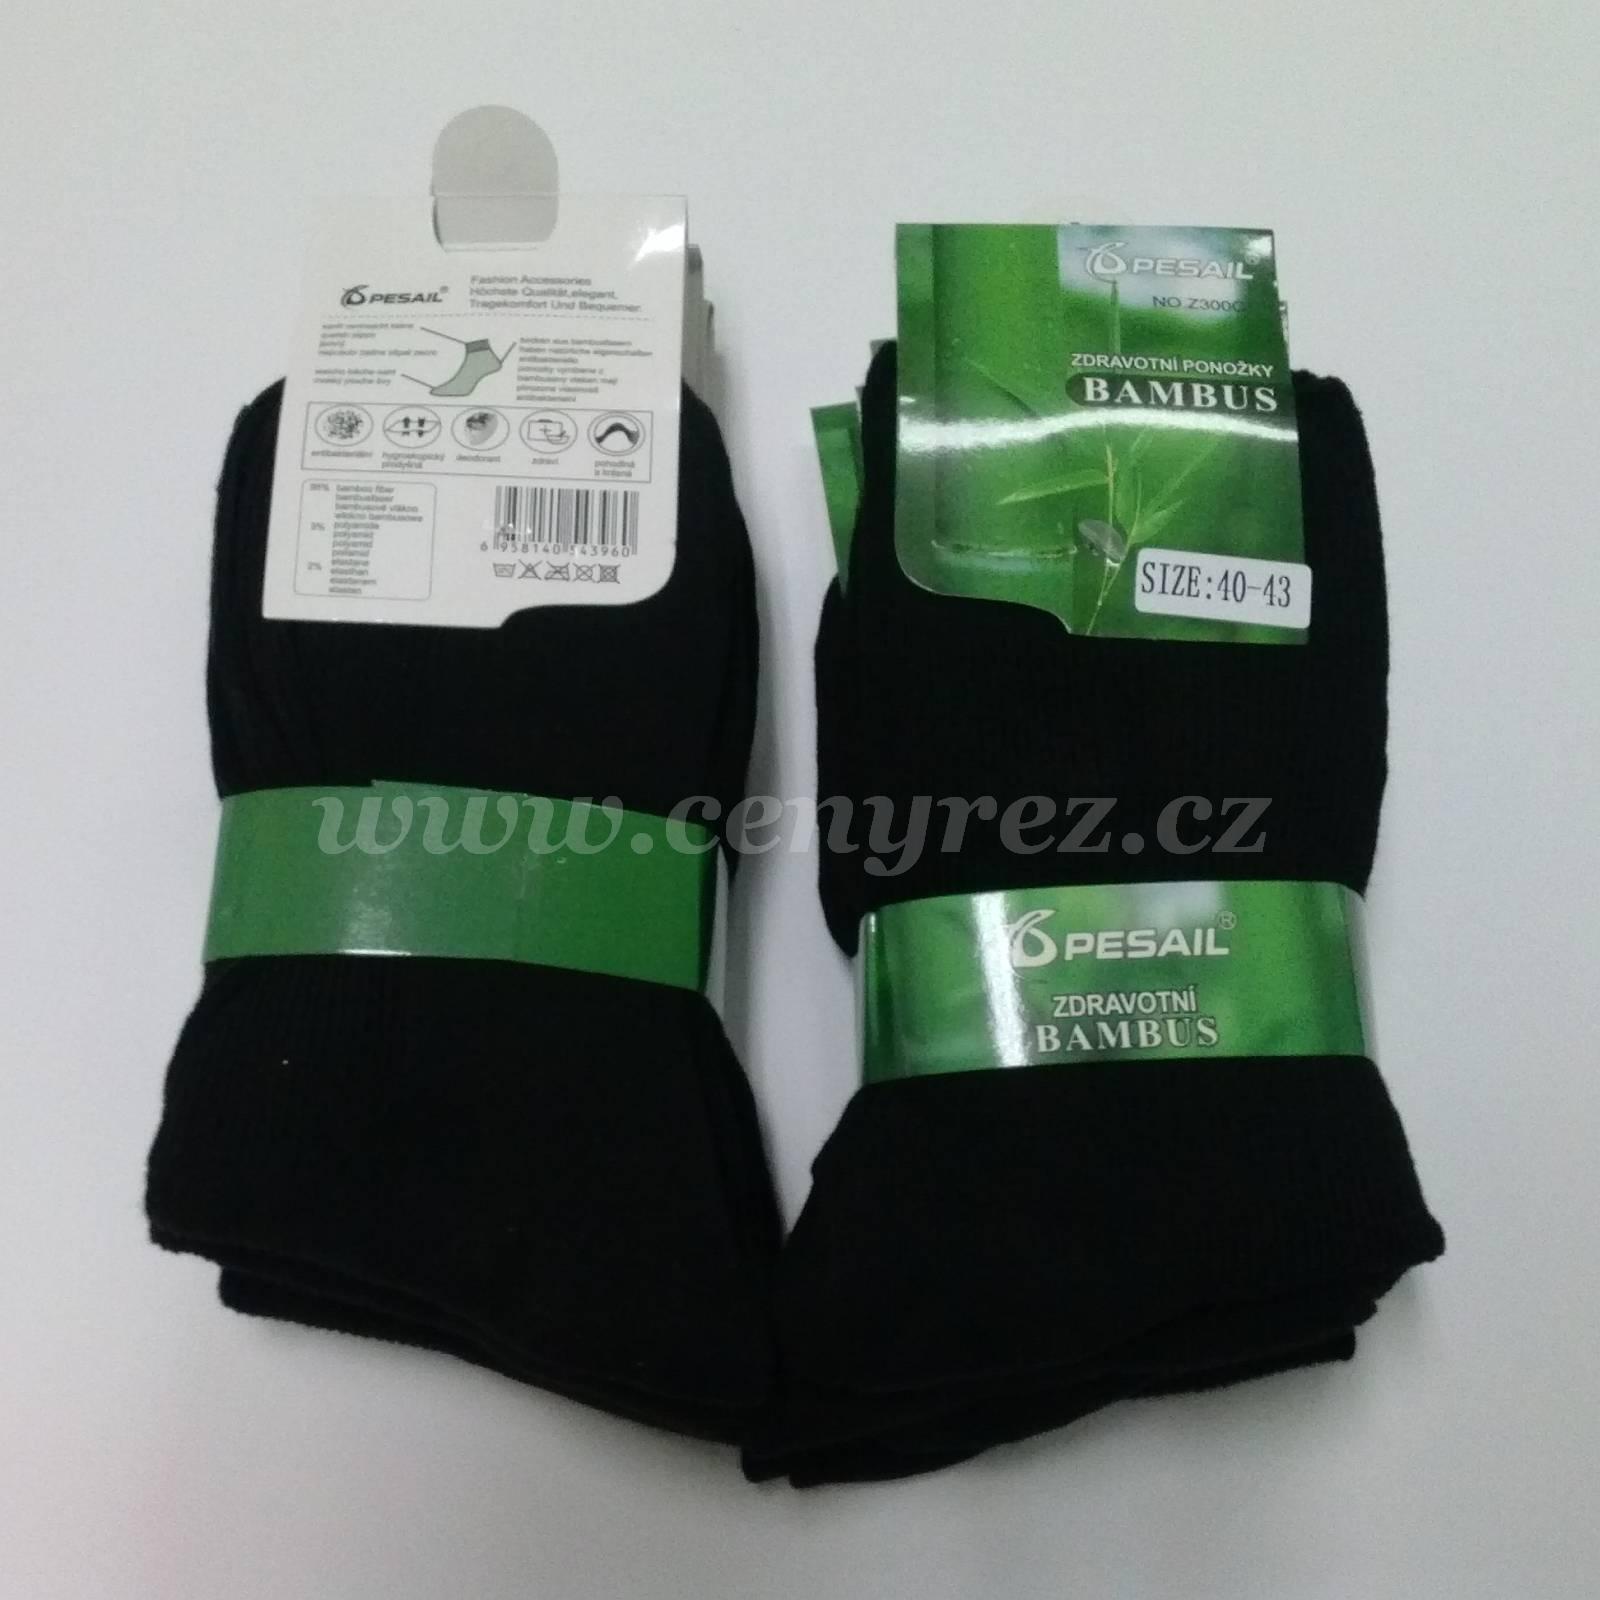 10x čierne zdravotné bambusové ponožky  10x čierne zdravotné bambusové  ponožky ... de2844ac3f